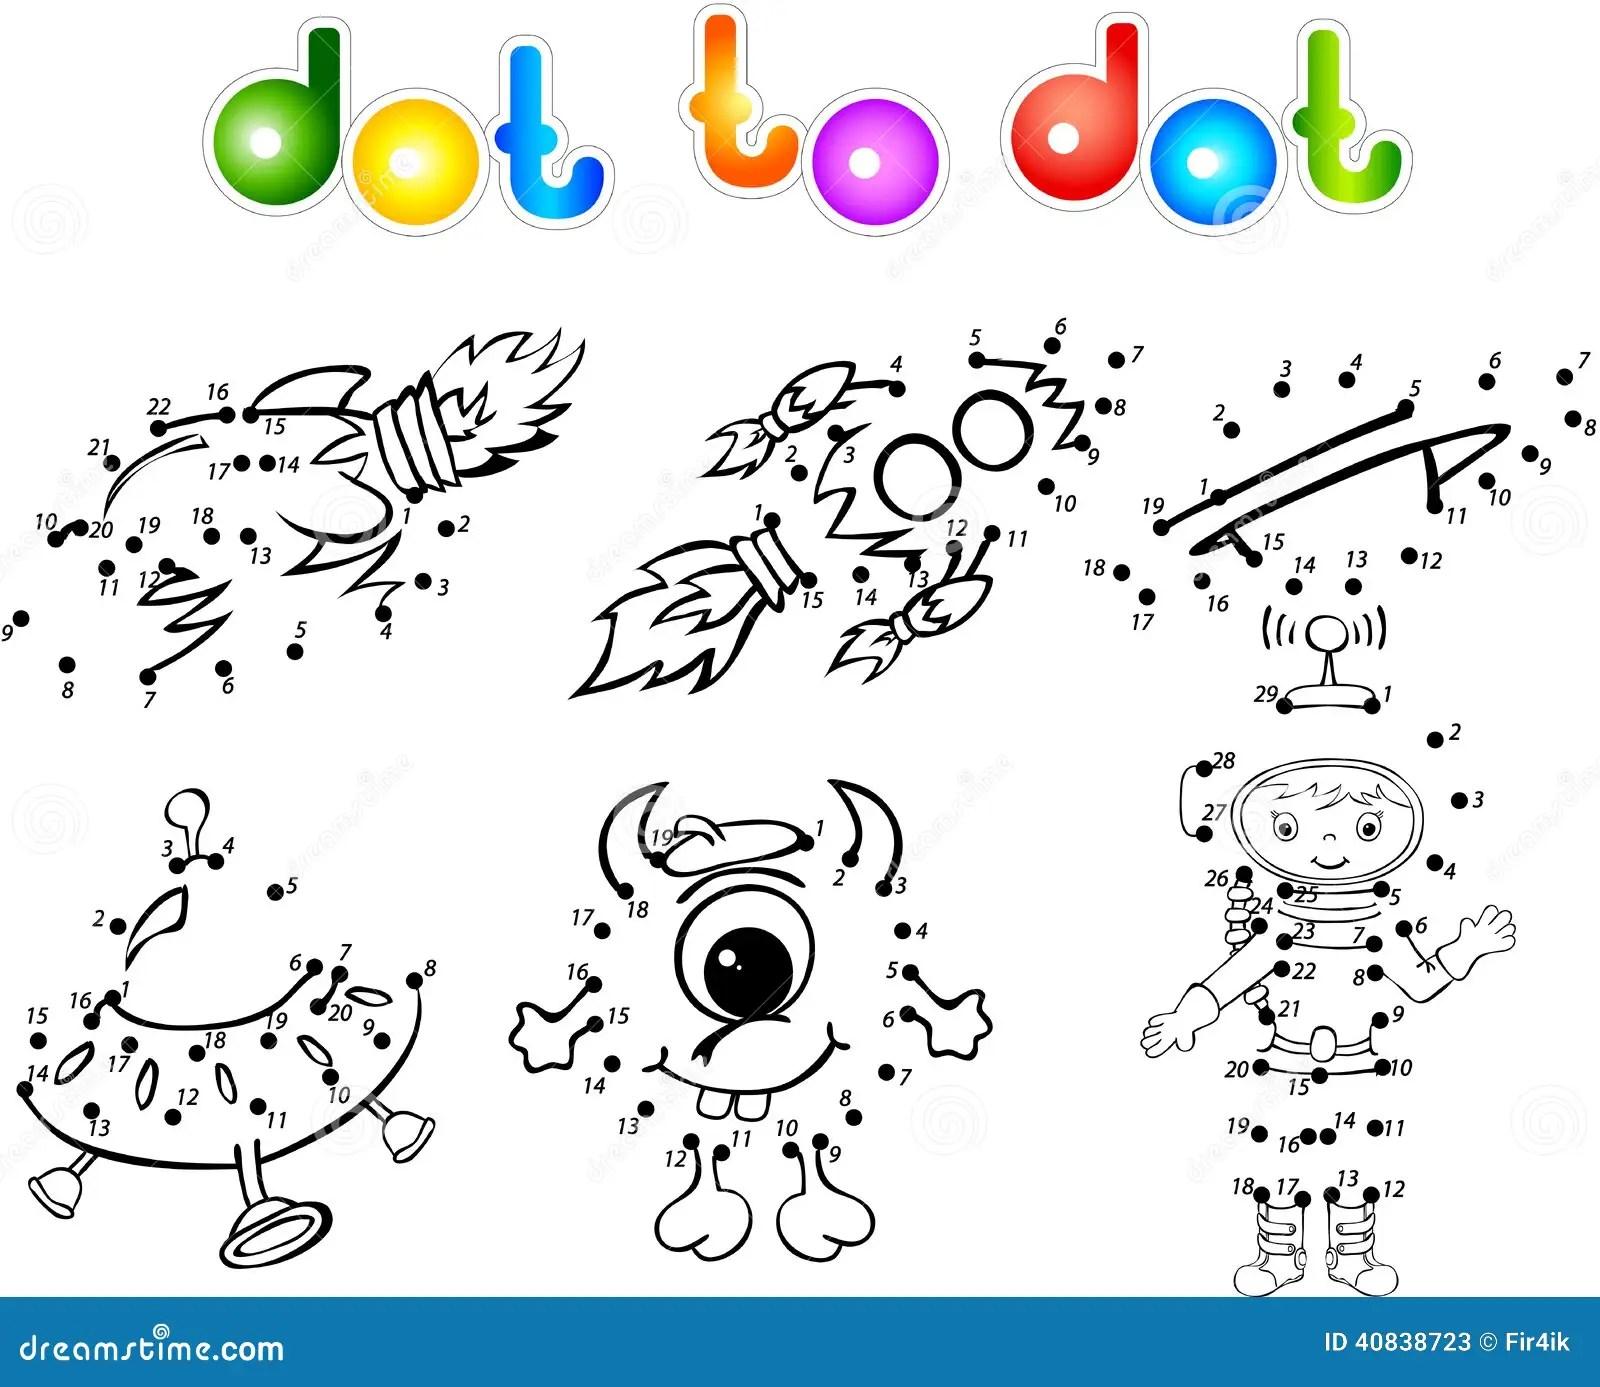 Spase Set 2 Dot To Dot Stock Vector Illustration Of